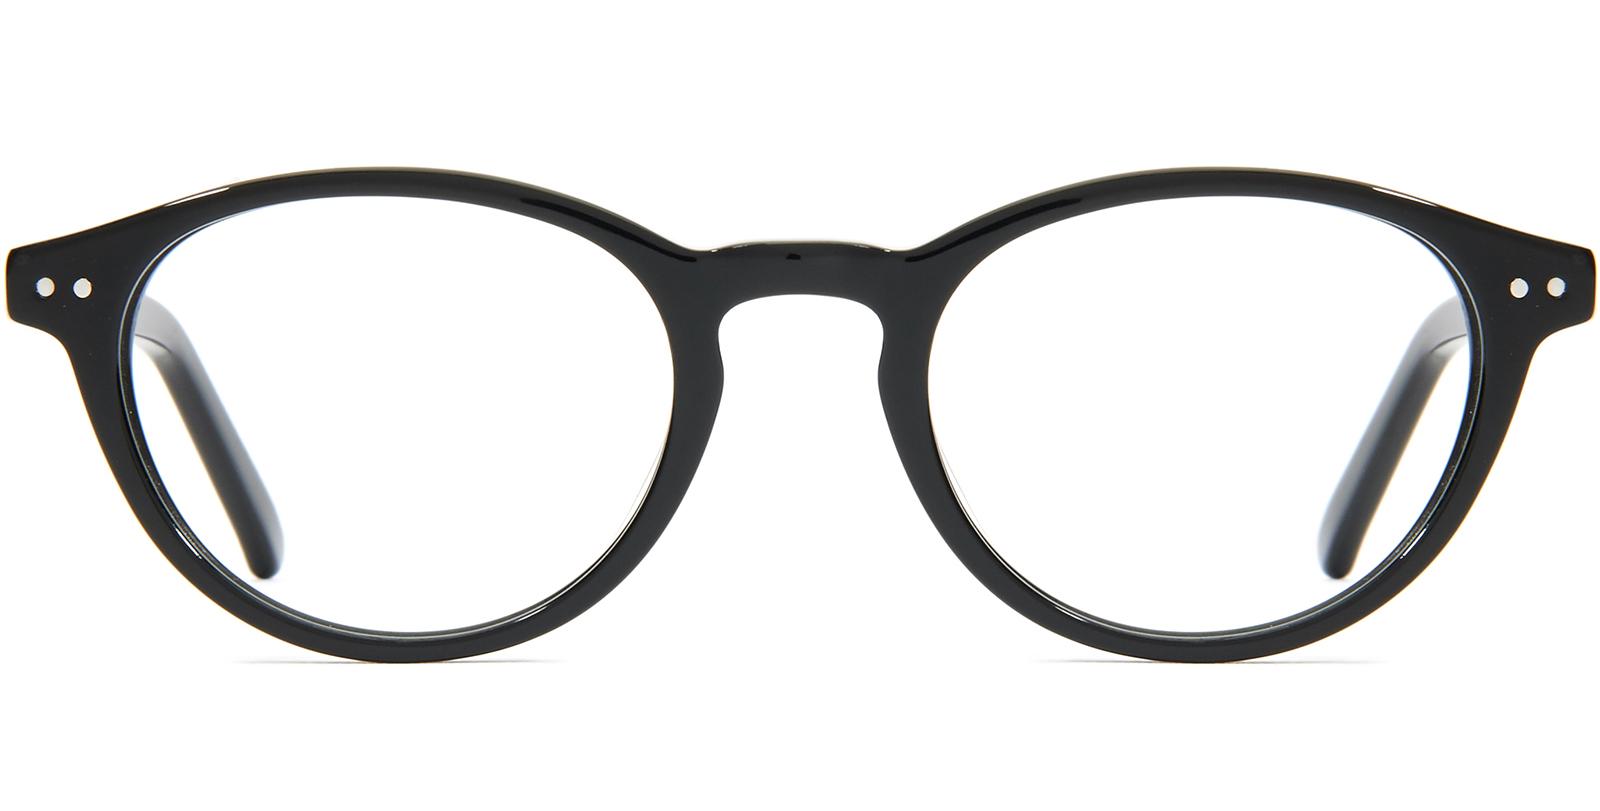 9aa81acfc3 Ernest Hemingway glasses 4612